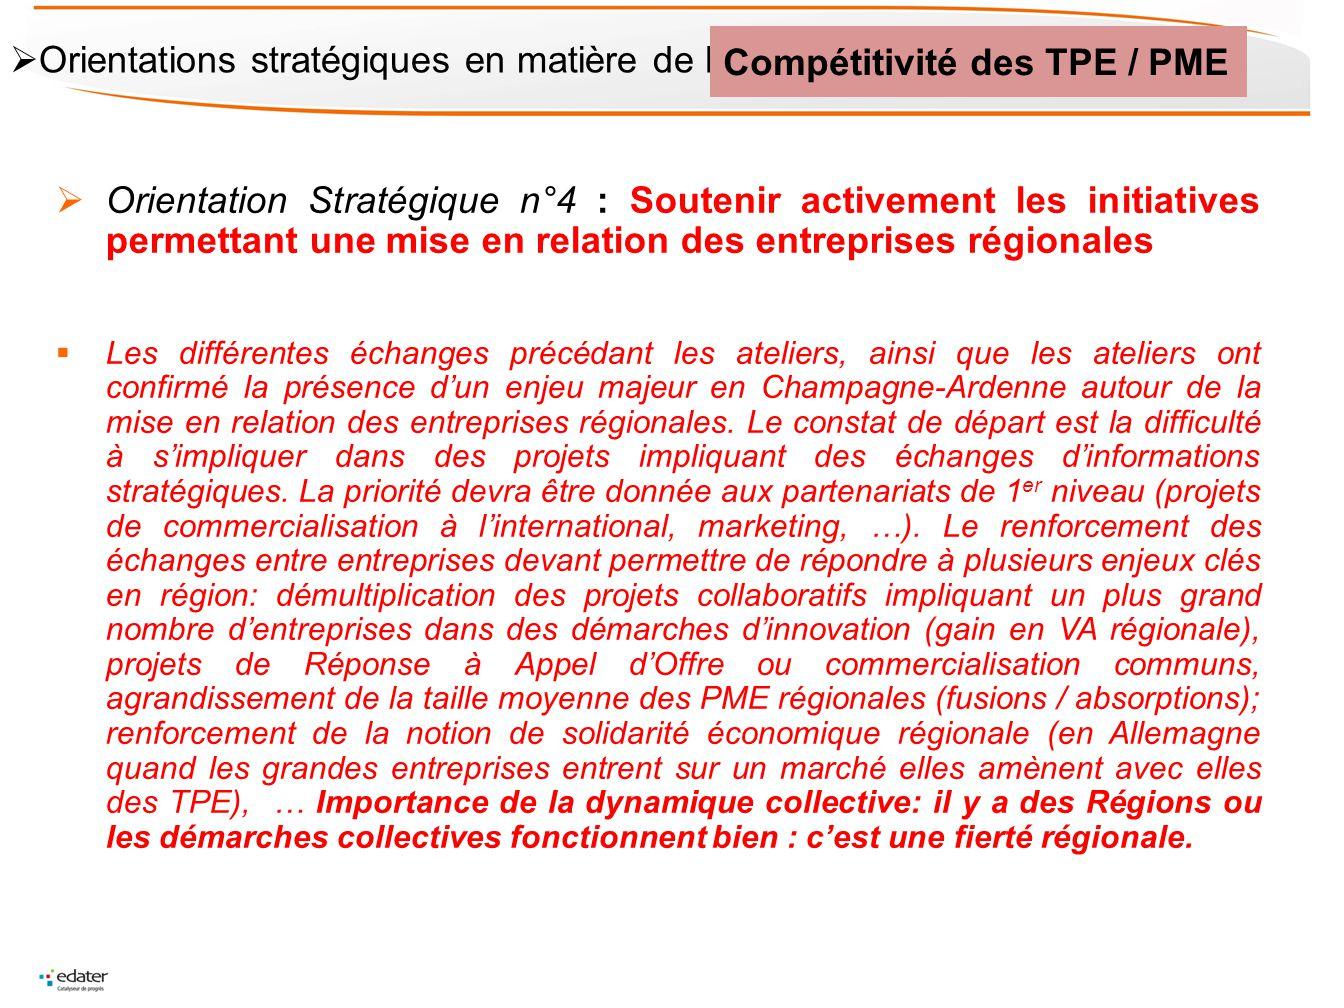 Orientation Stratégique n°4 : Soutenir activement les initiatives permettant une mise en relation des entreprises régionales Les différentes échanges